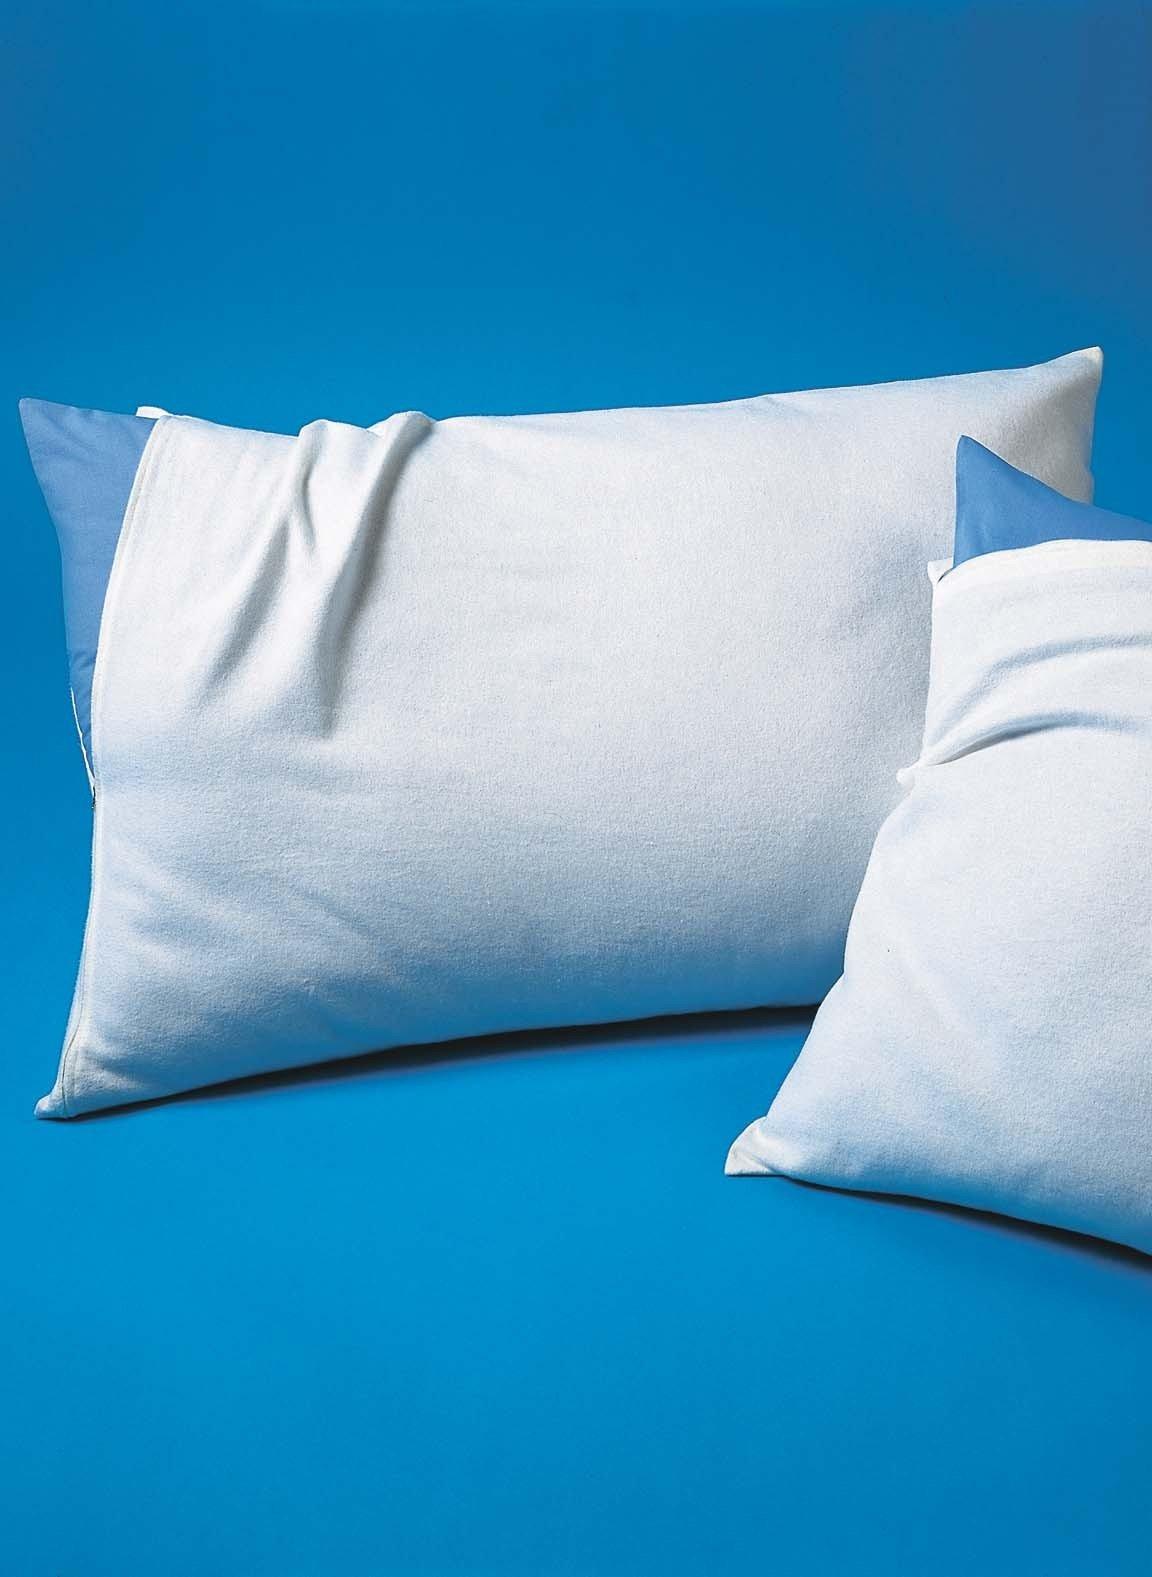 housse de protection pour oreiller et traversin. Black Bedroom Furniture Sets. Home Design Ideas